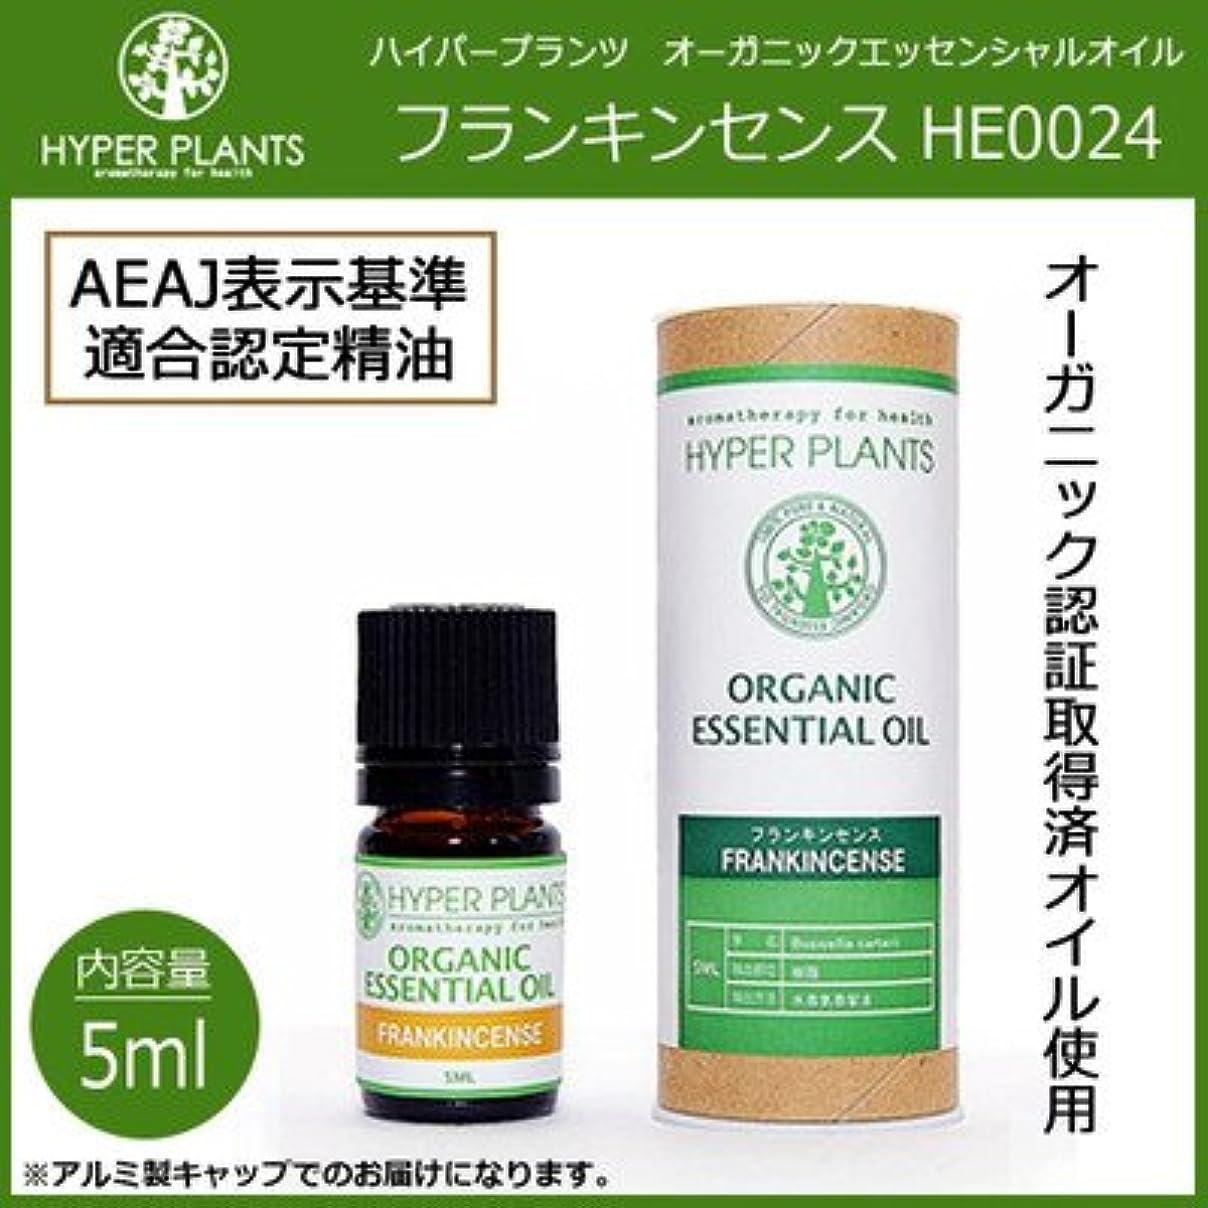 排除応用の間で毎日の生活にアロマの香りを HYPER PLANTS ハイパープランツ オーガニックエッセンシャルオイル フランキンセンス 5ml HE0024